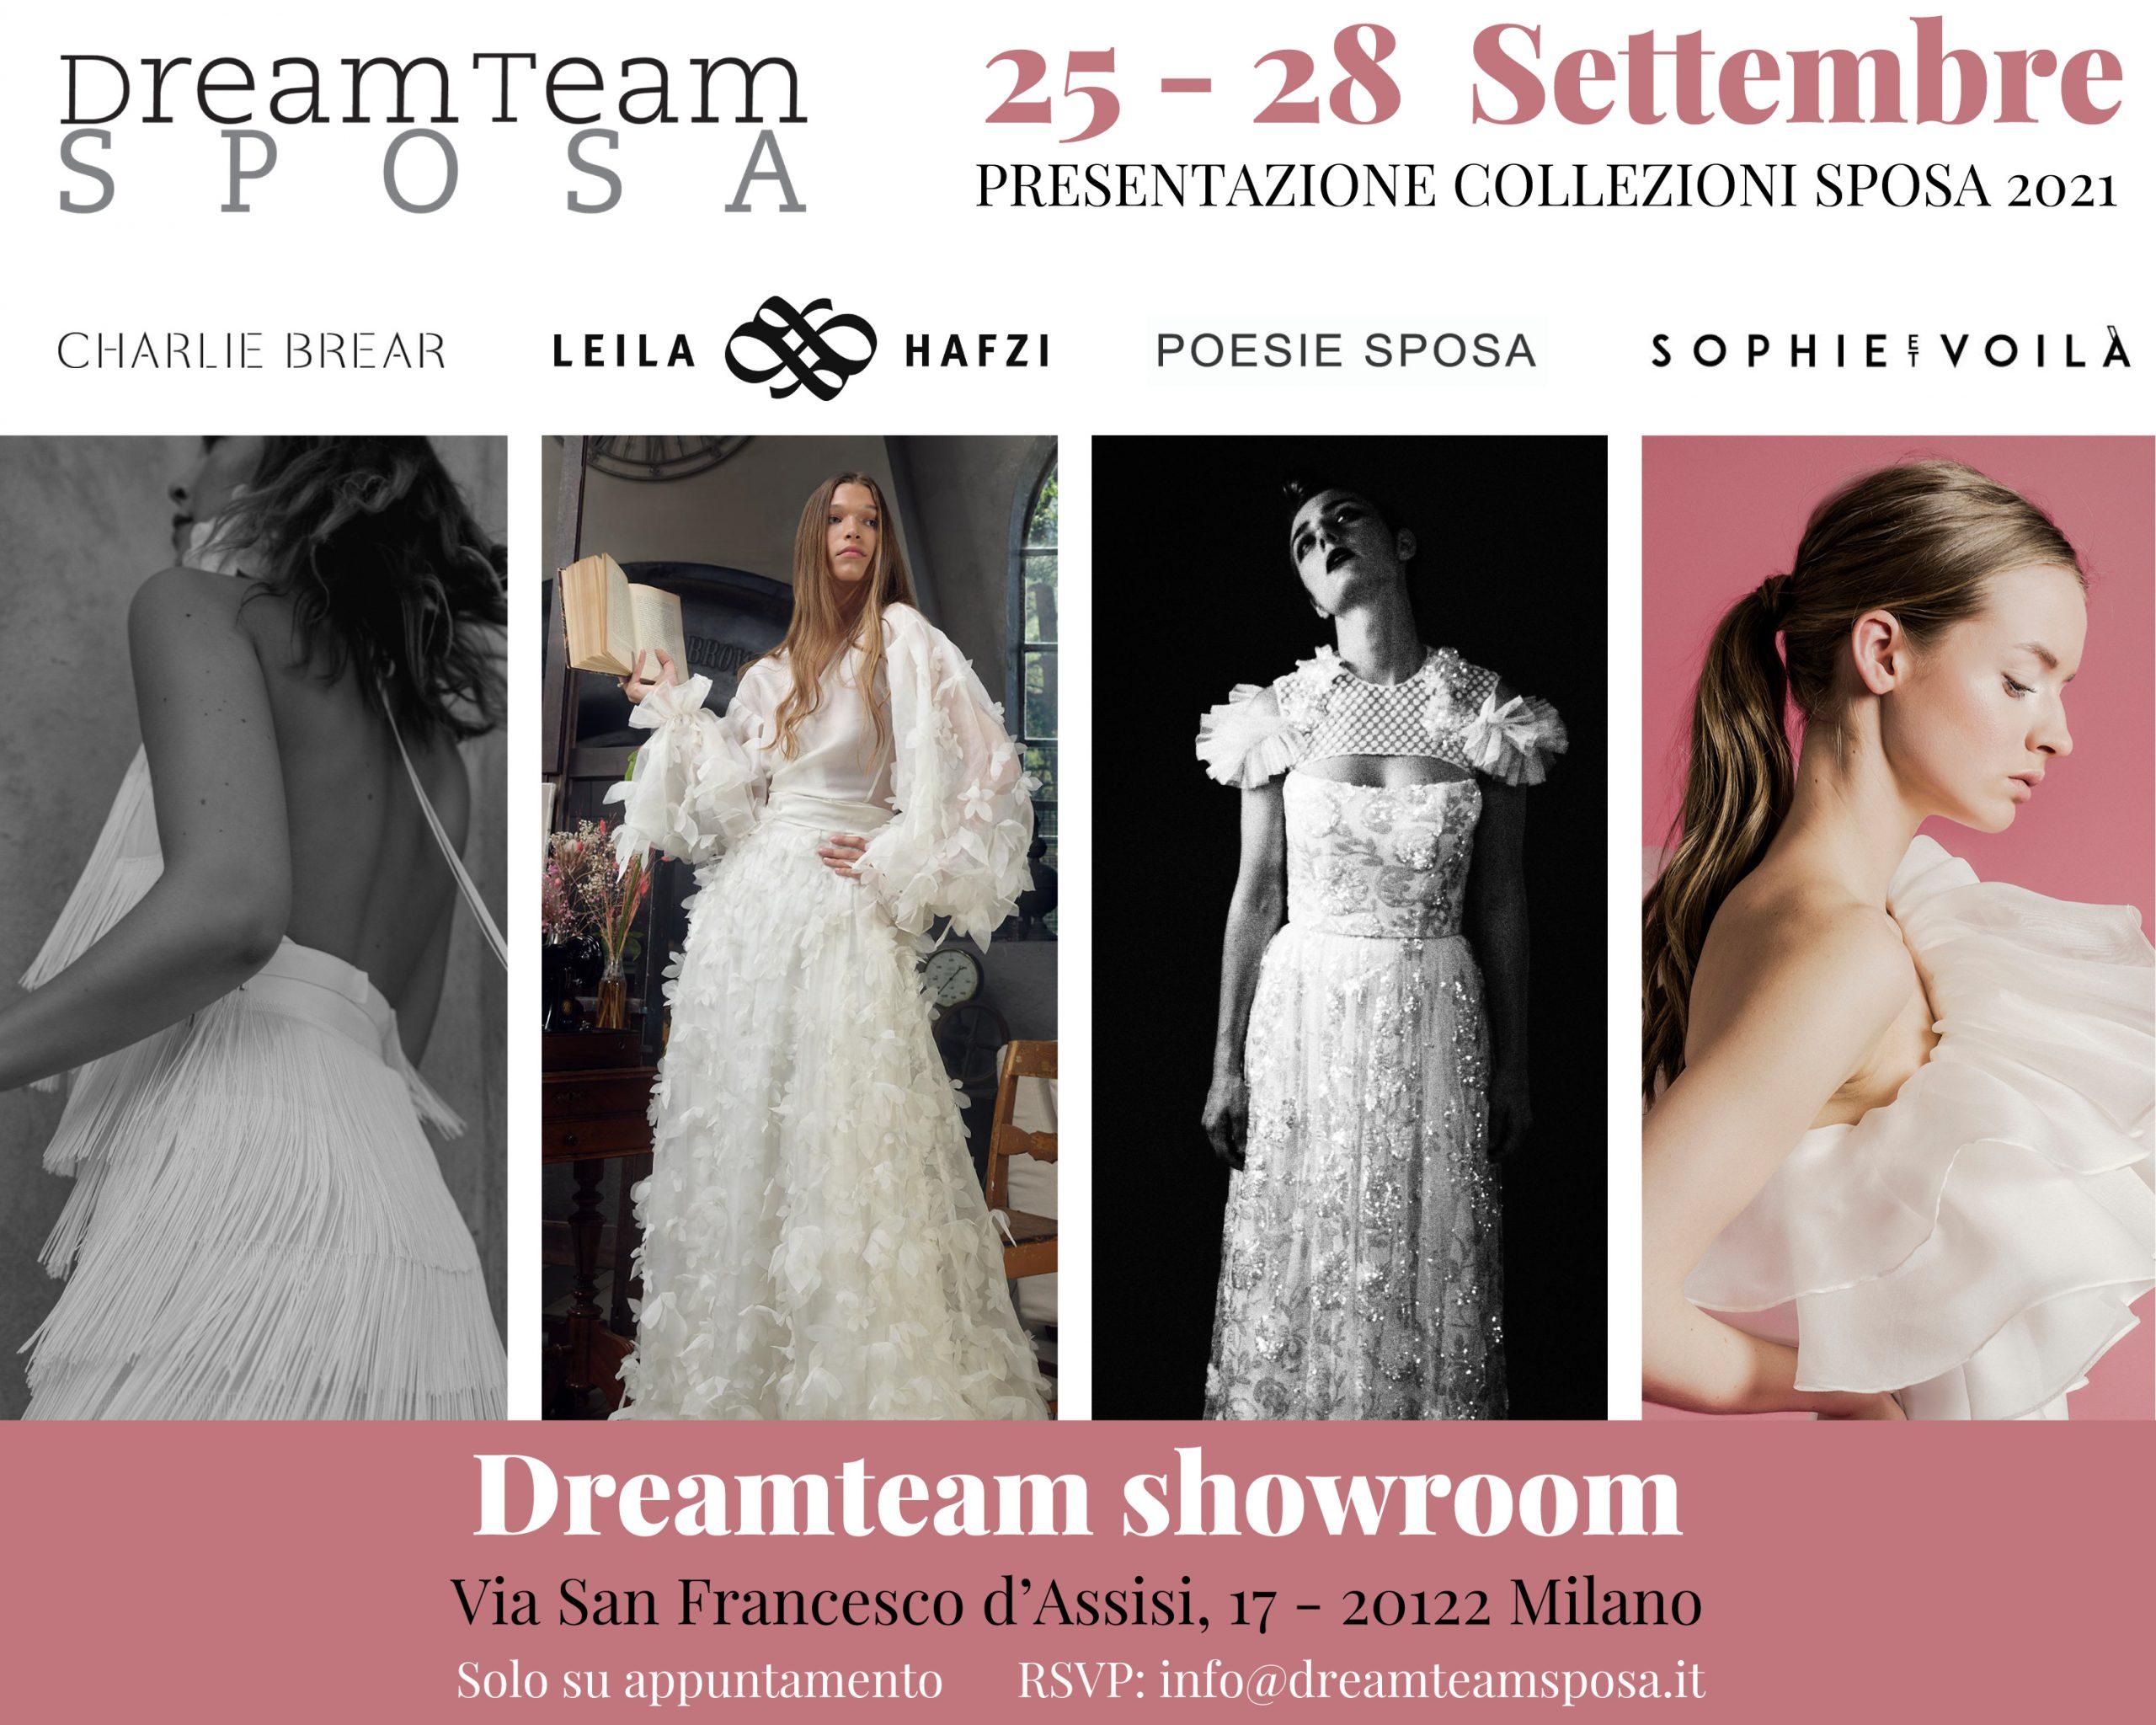 Dreamteam presenta le collezioni 2021 a Milano dal 25 al 28 settembre